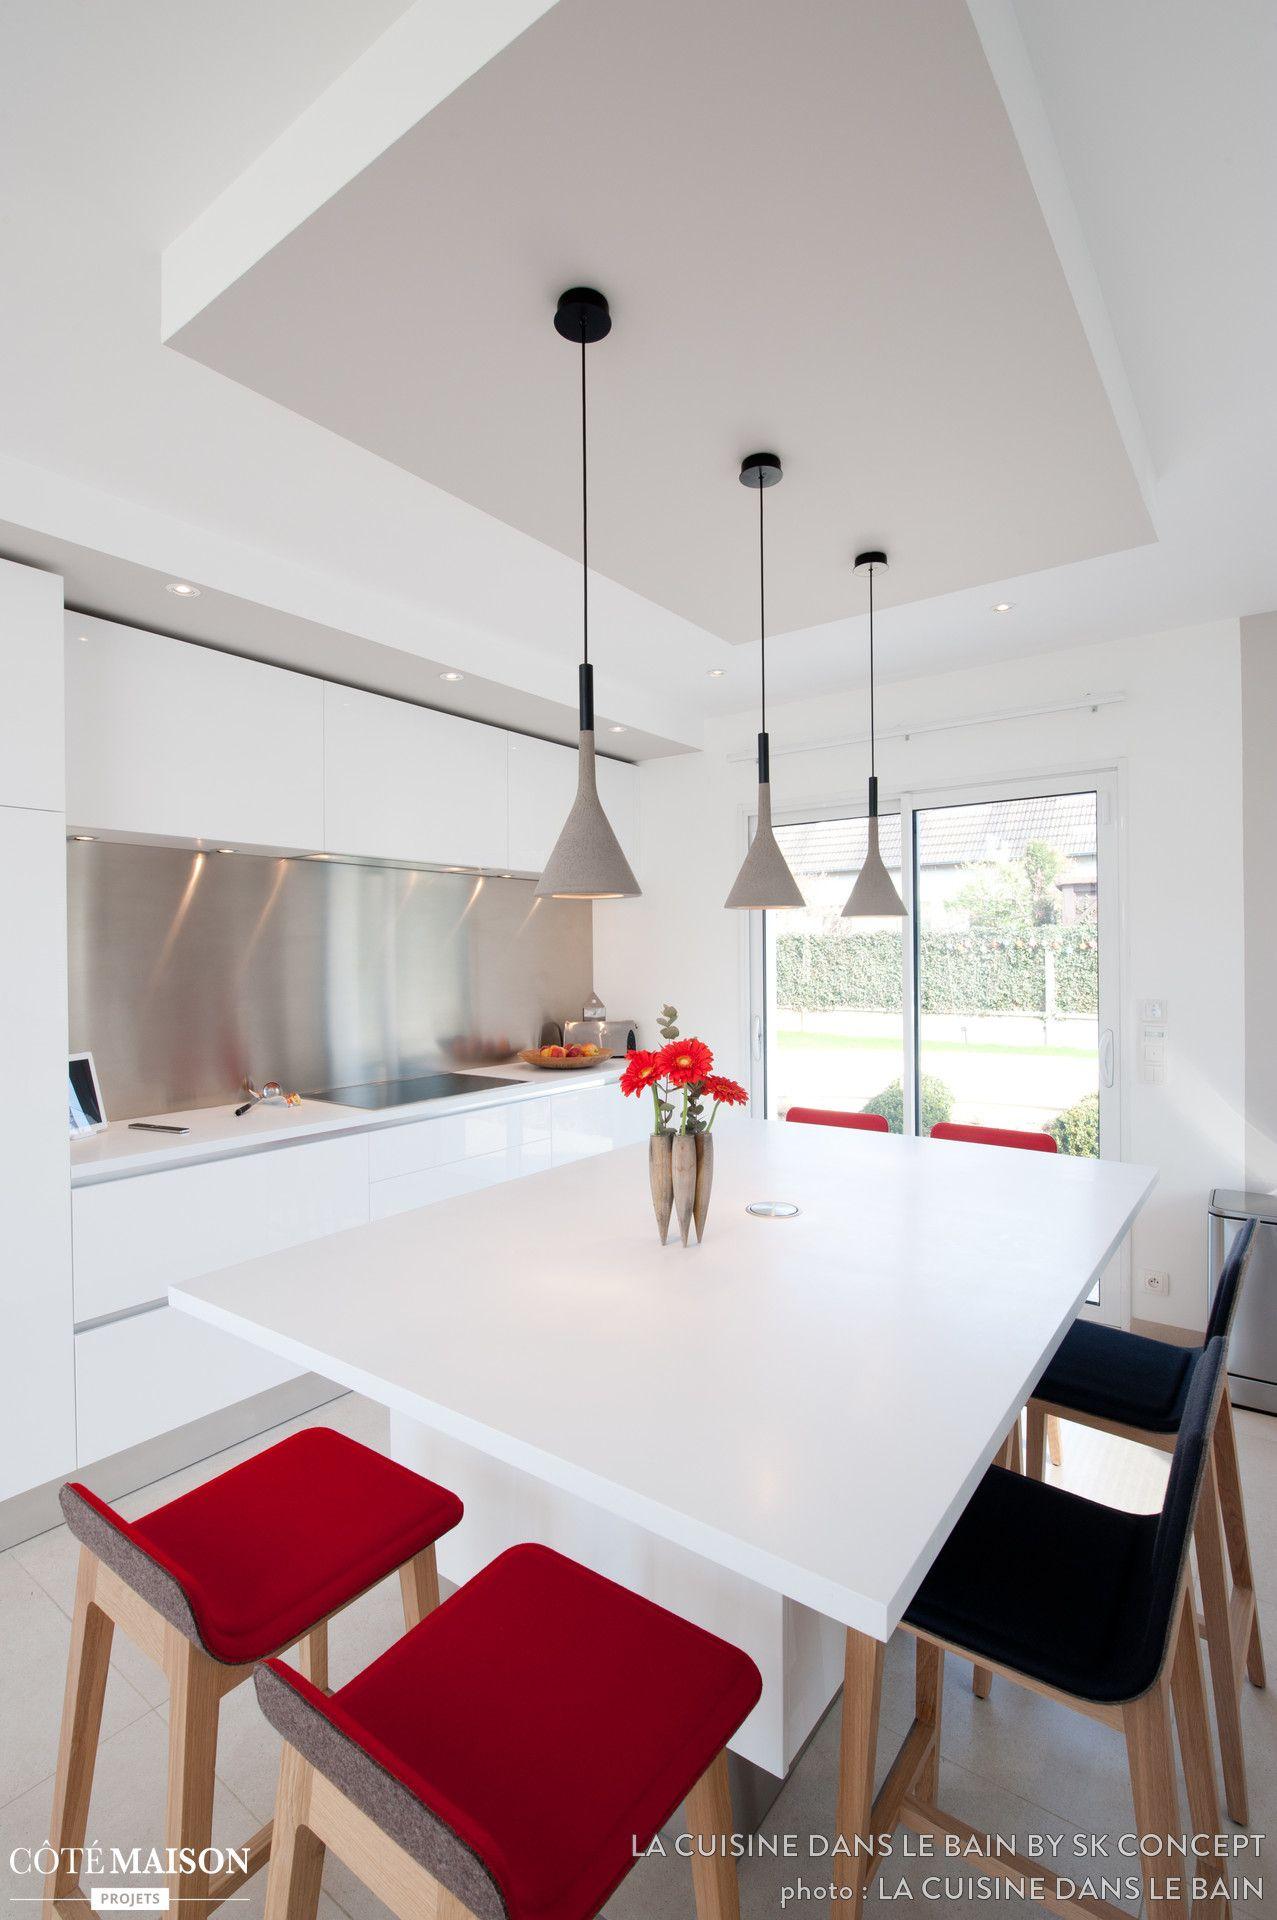 Une Cuisine Design Italien Total Look Blanc Avec îlot Central à - La cuisine dans le bain